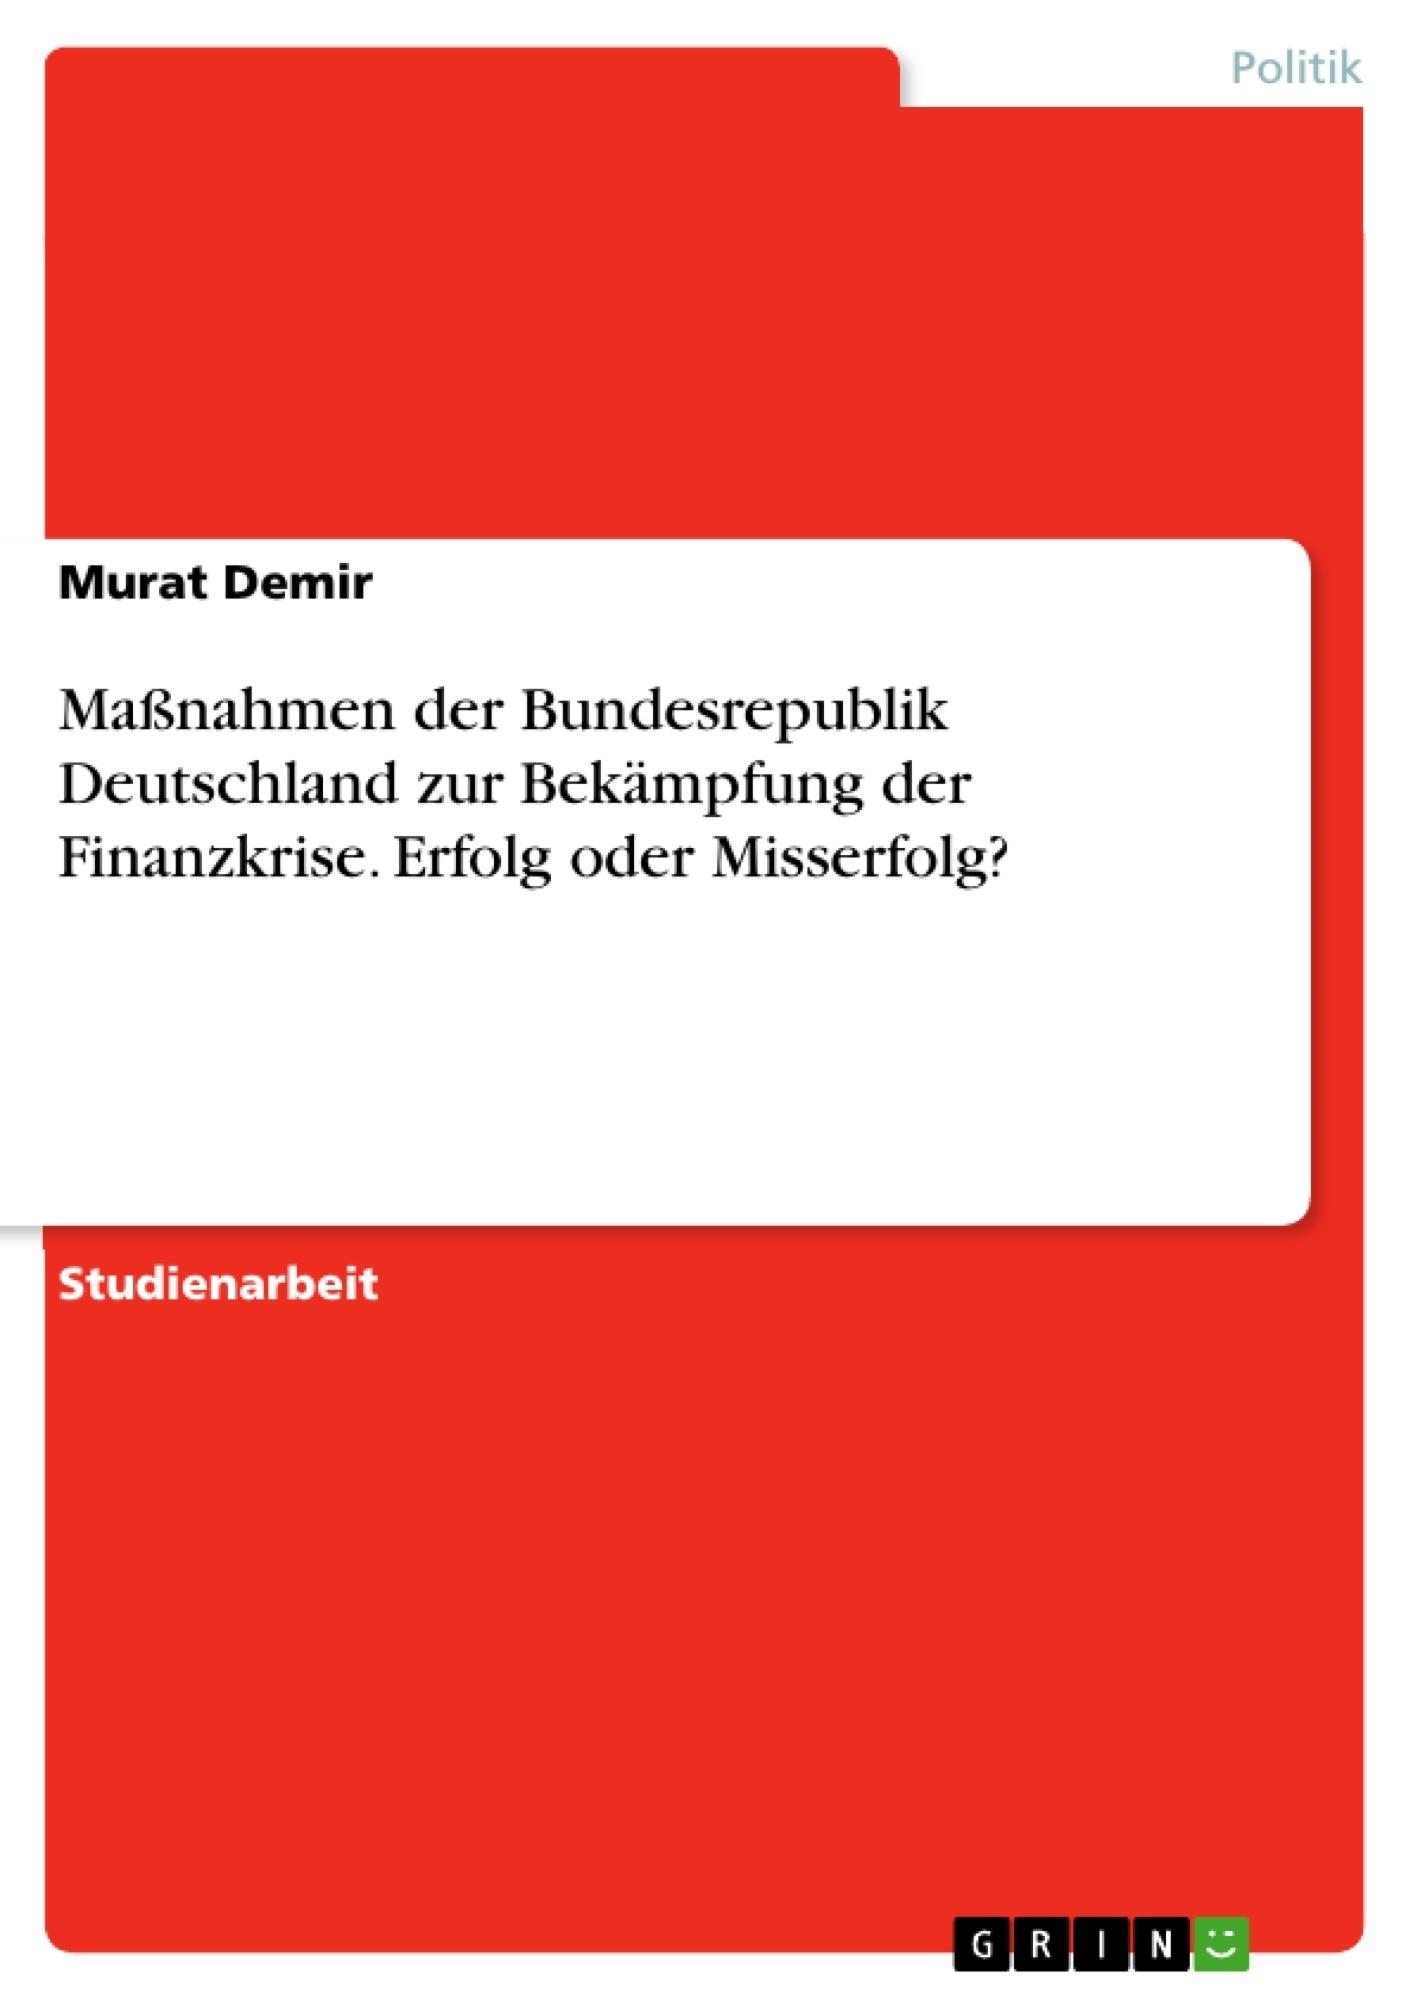 Titel: Maßnahmen der Bundesrepublik Deutschland zur Bekämpfung der Finanzkrise. Erfolg oder Misserfolg?